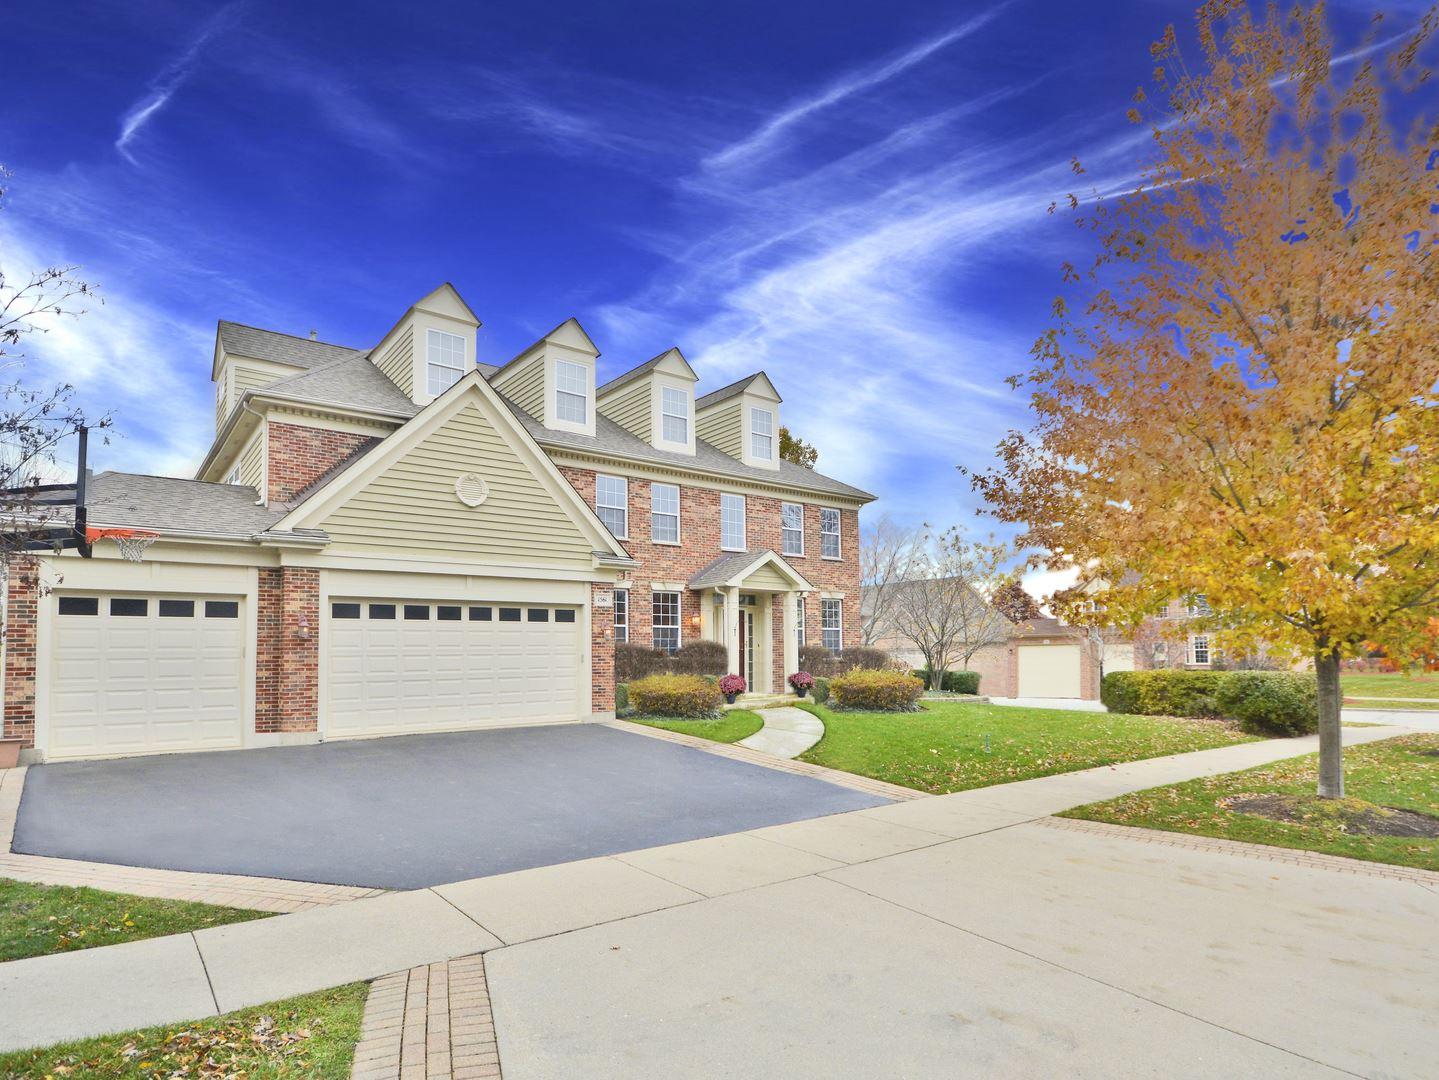 1561 Cypress Pointe Drive, Vernon Hills, IL 60061 - #: 11155472